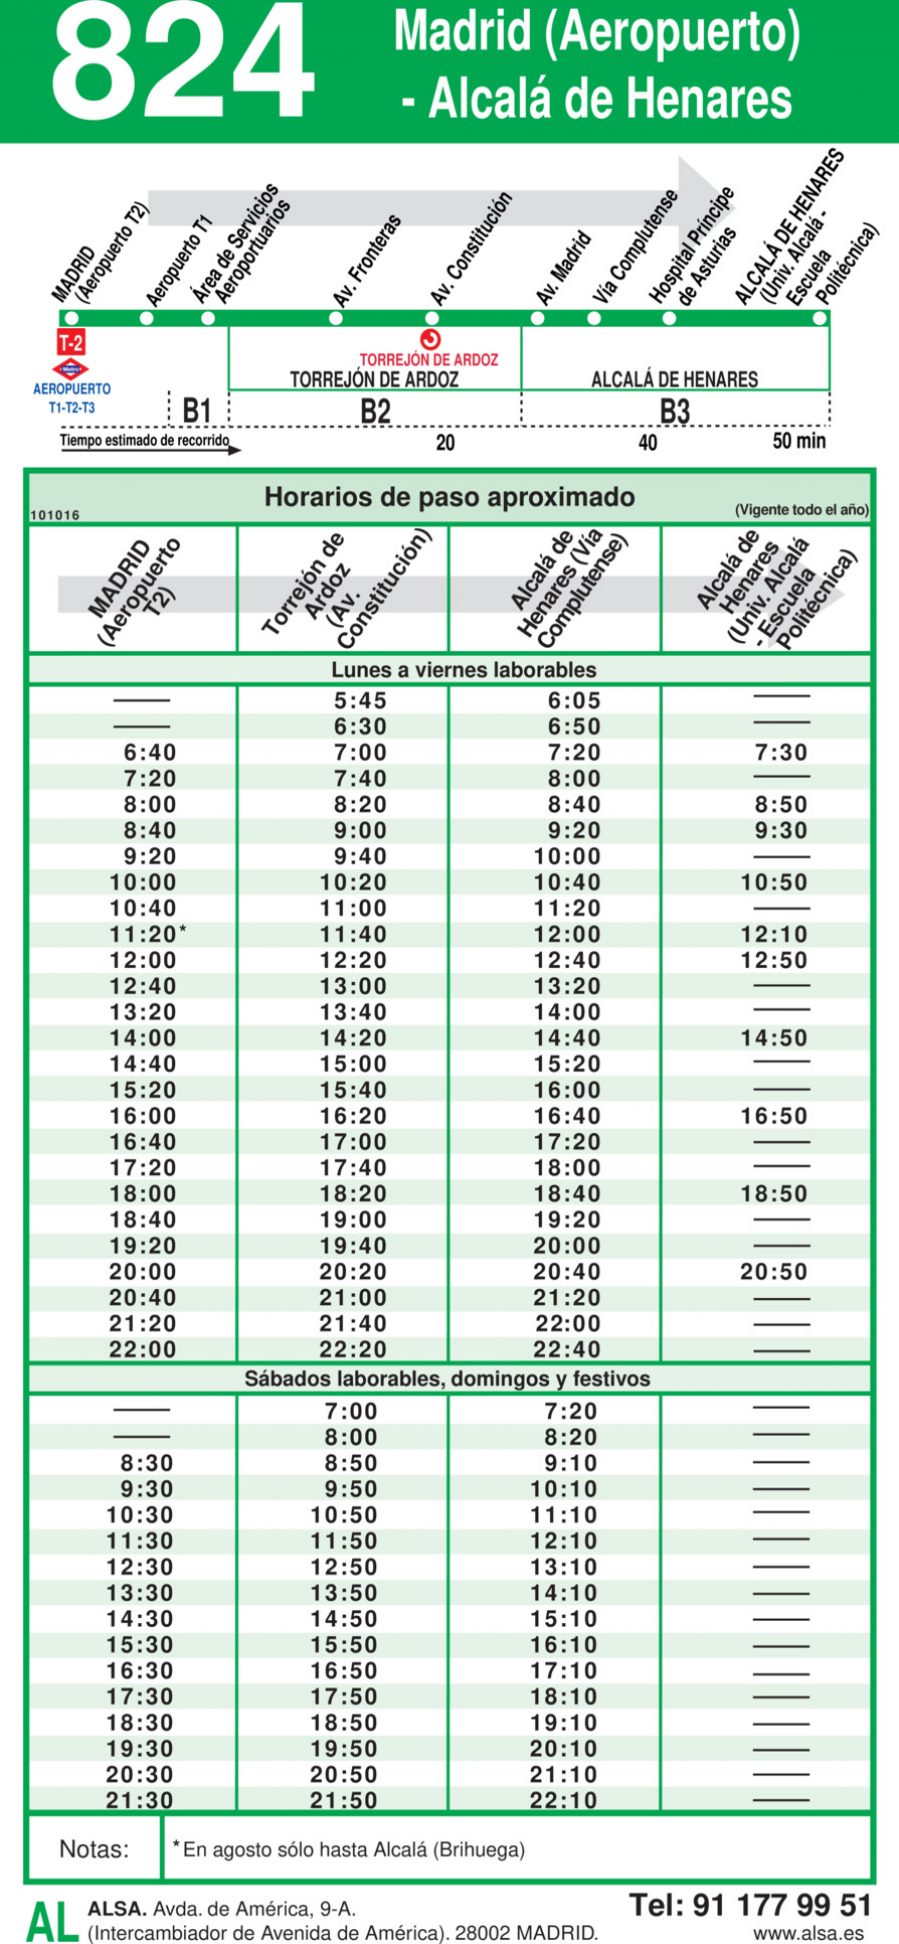 Horarios de autobús 824: Madrid - Alcalá de Henares - Torrejón de Ardoz